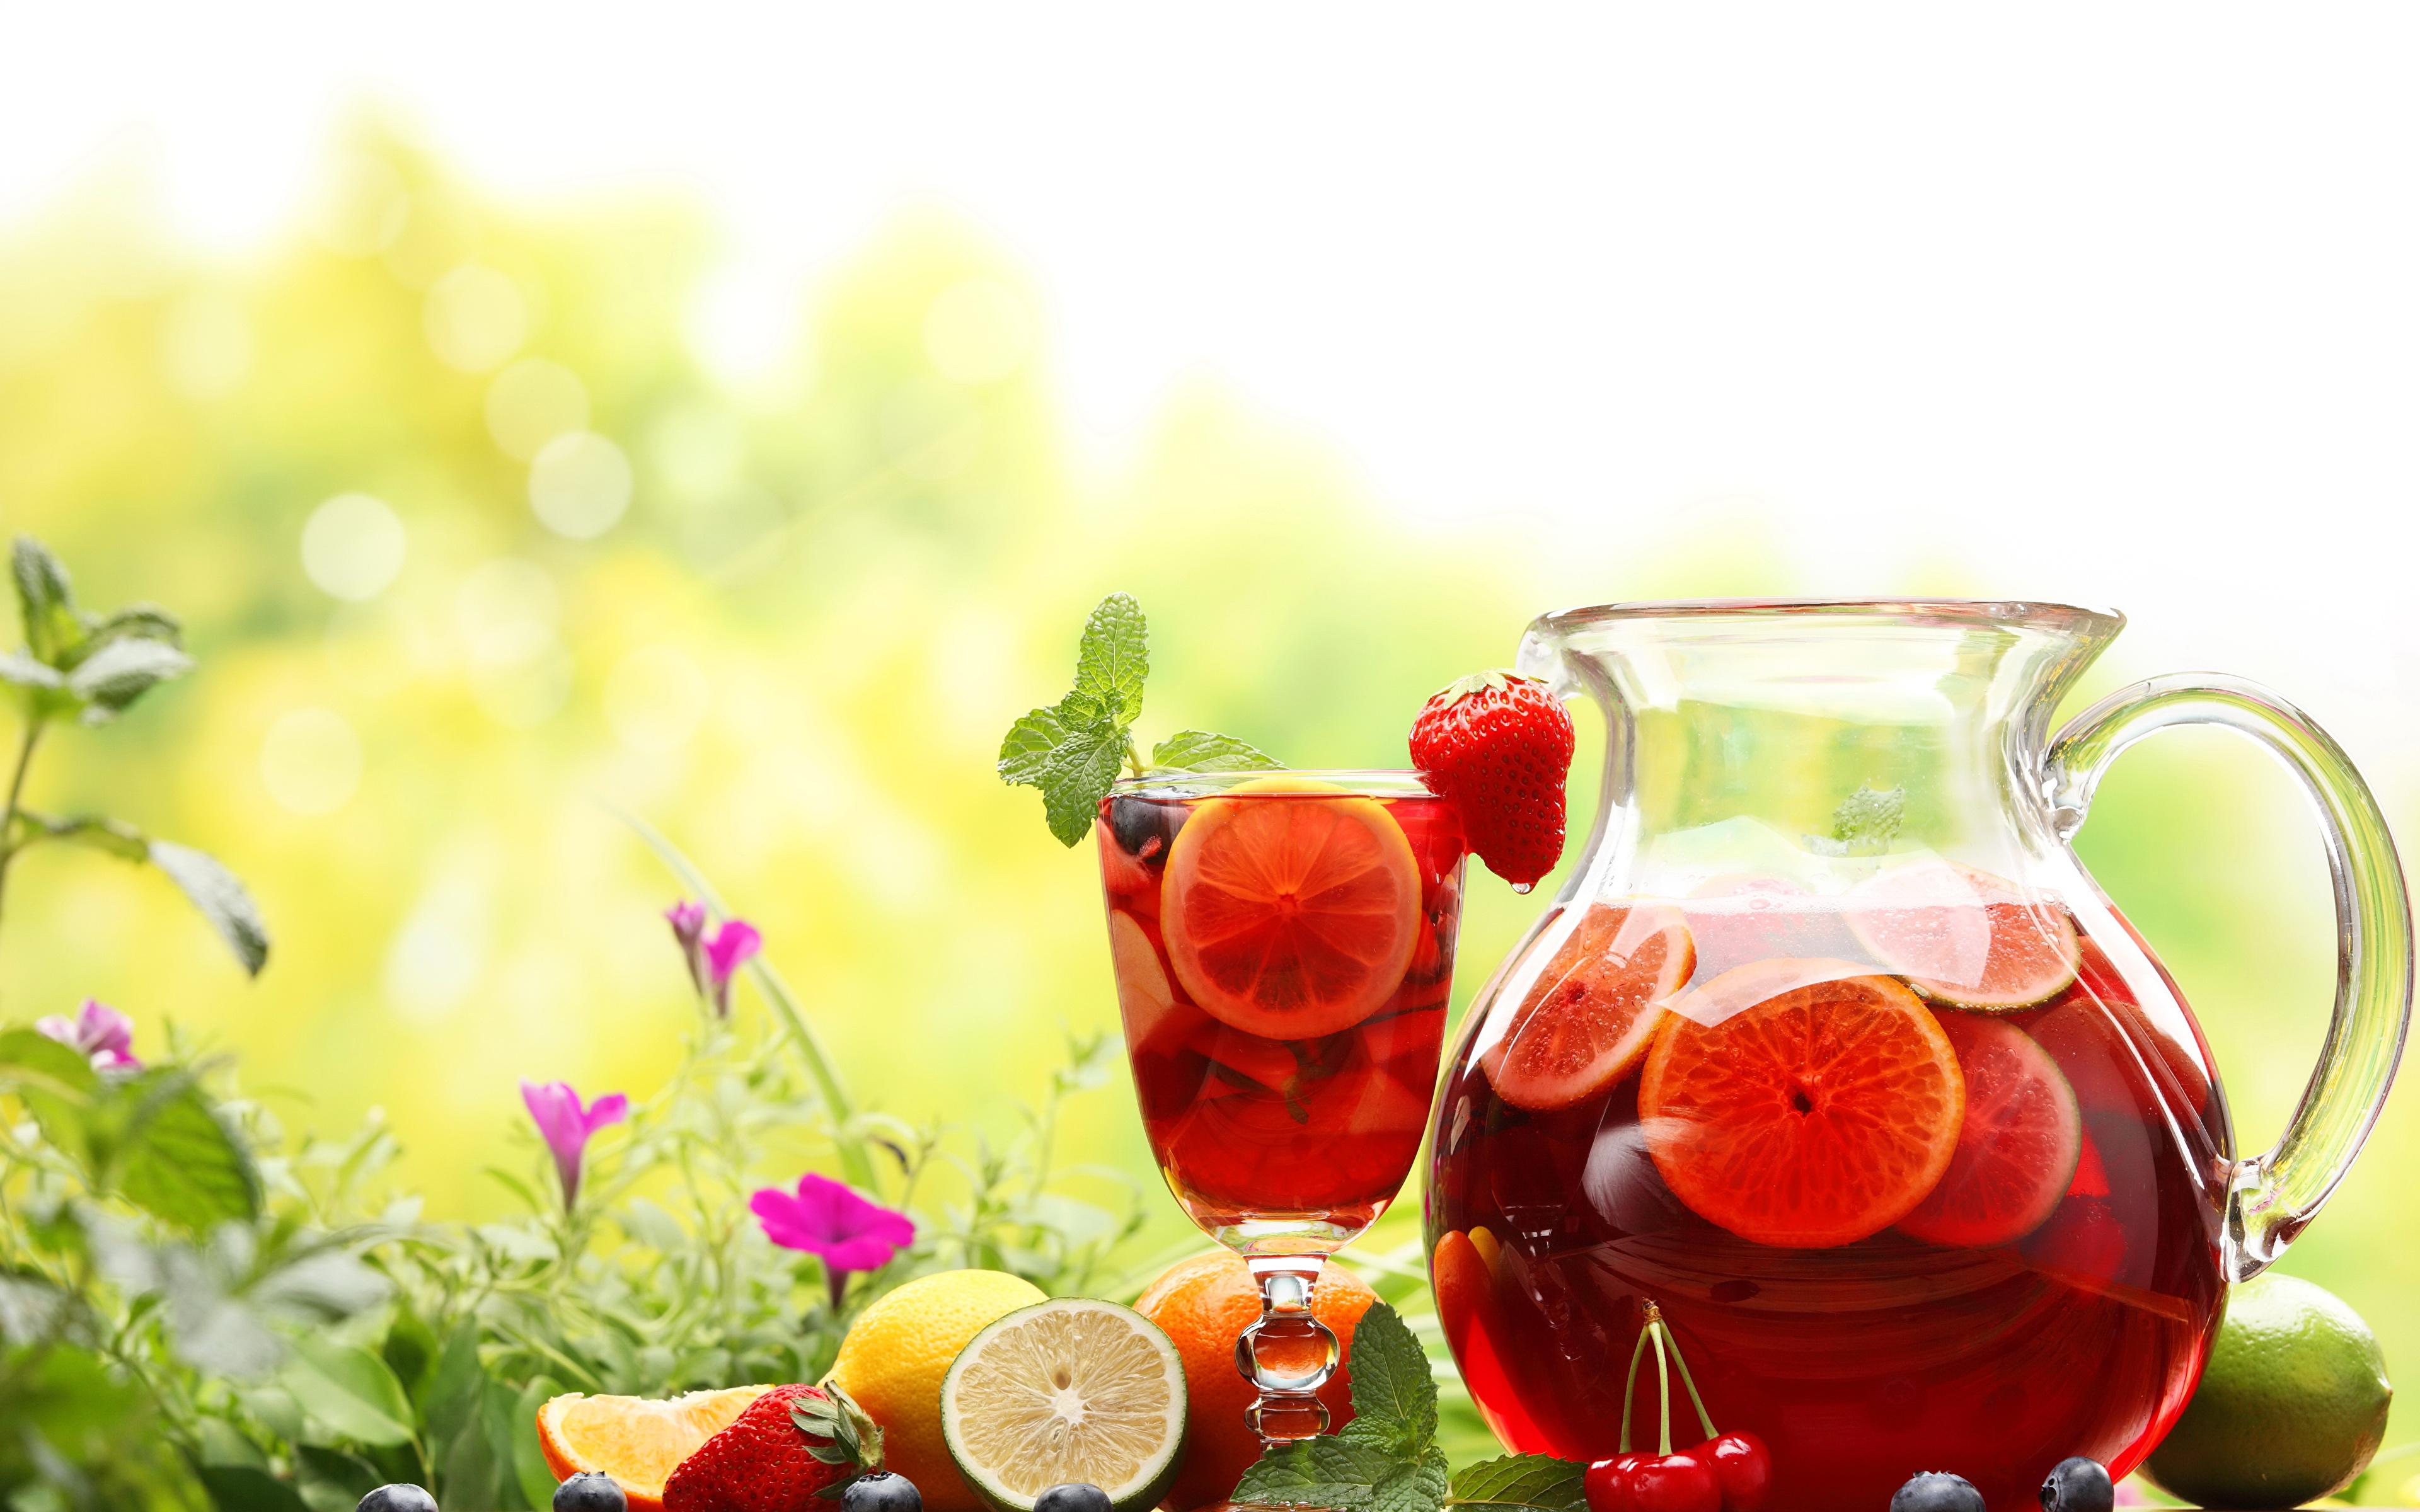 Обои напиток, кувшин, чай, стакан. Еда foto 7